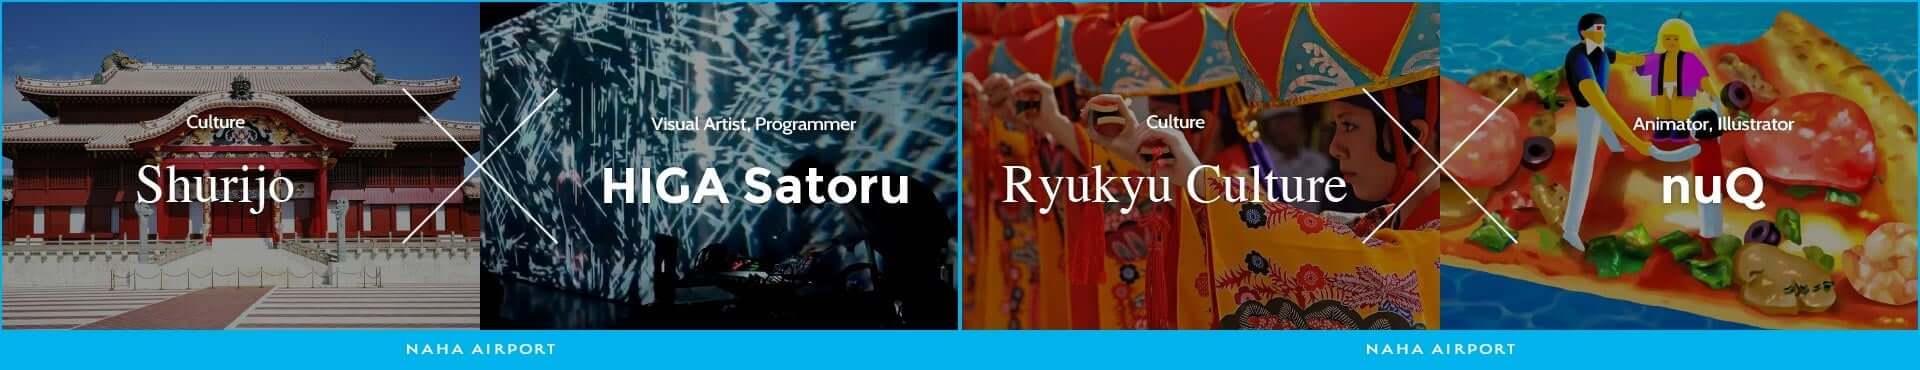 水江未来、比嘉了、齋藤精一らが参加!日本文化を発信する展示プロジェクト「CULTURE GATE to JAPAN」が全国7空港ほかで実施決定 art210121_culture-gate_5-1920x370